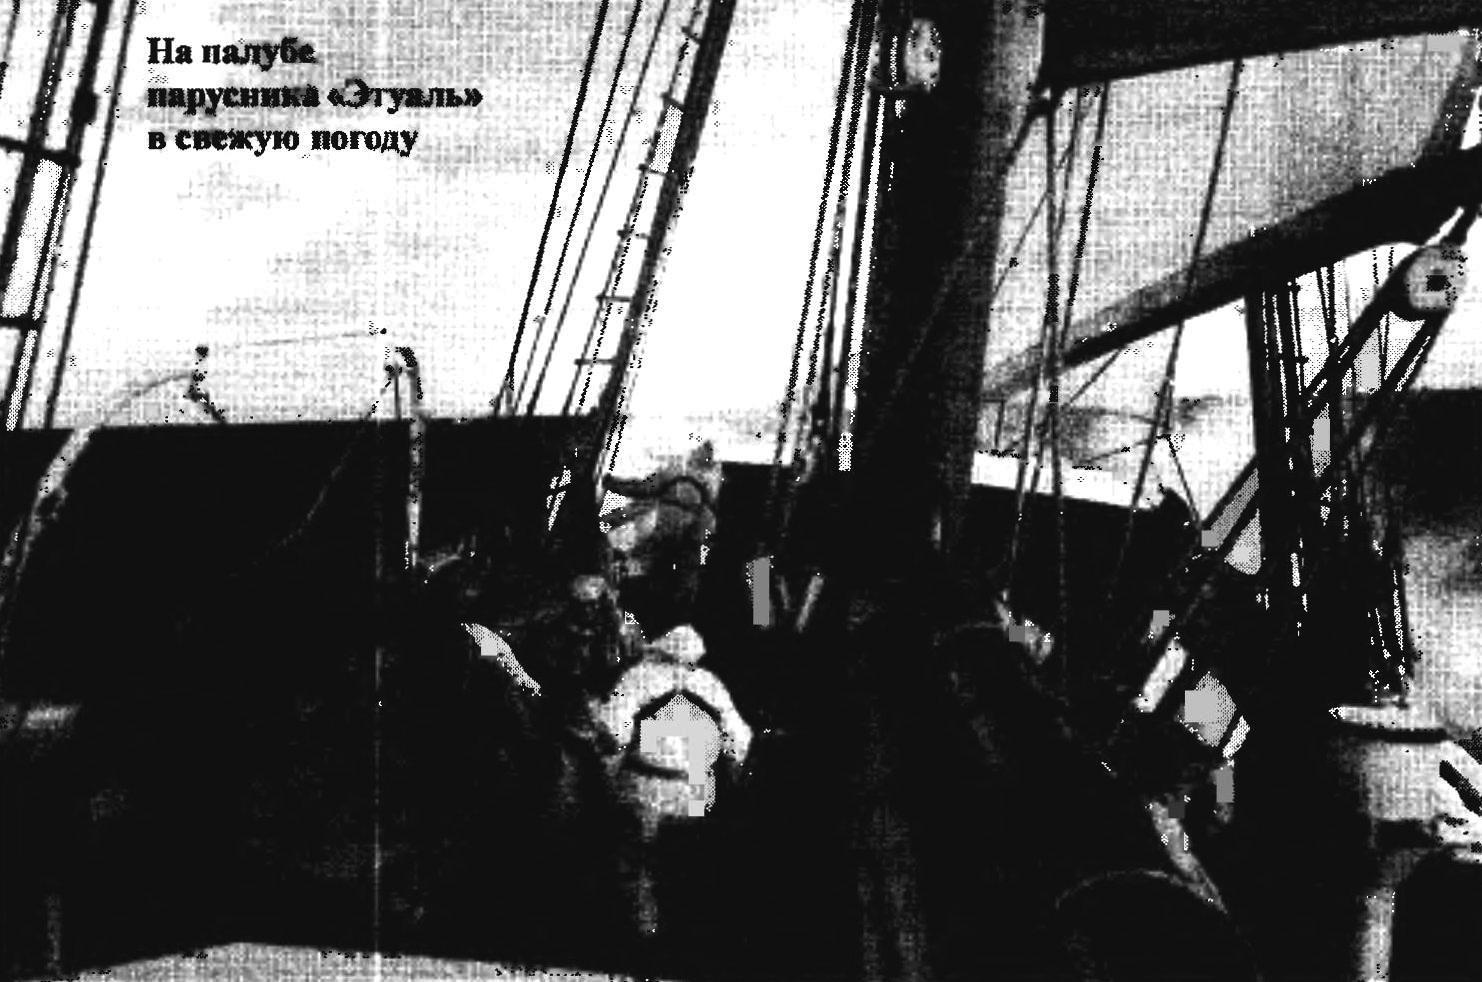 На палубе парусника «Этуаль» в свежую погоду